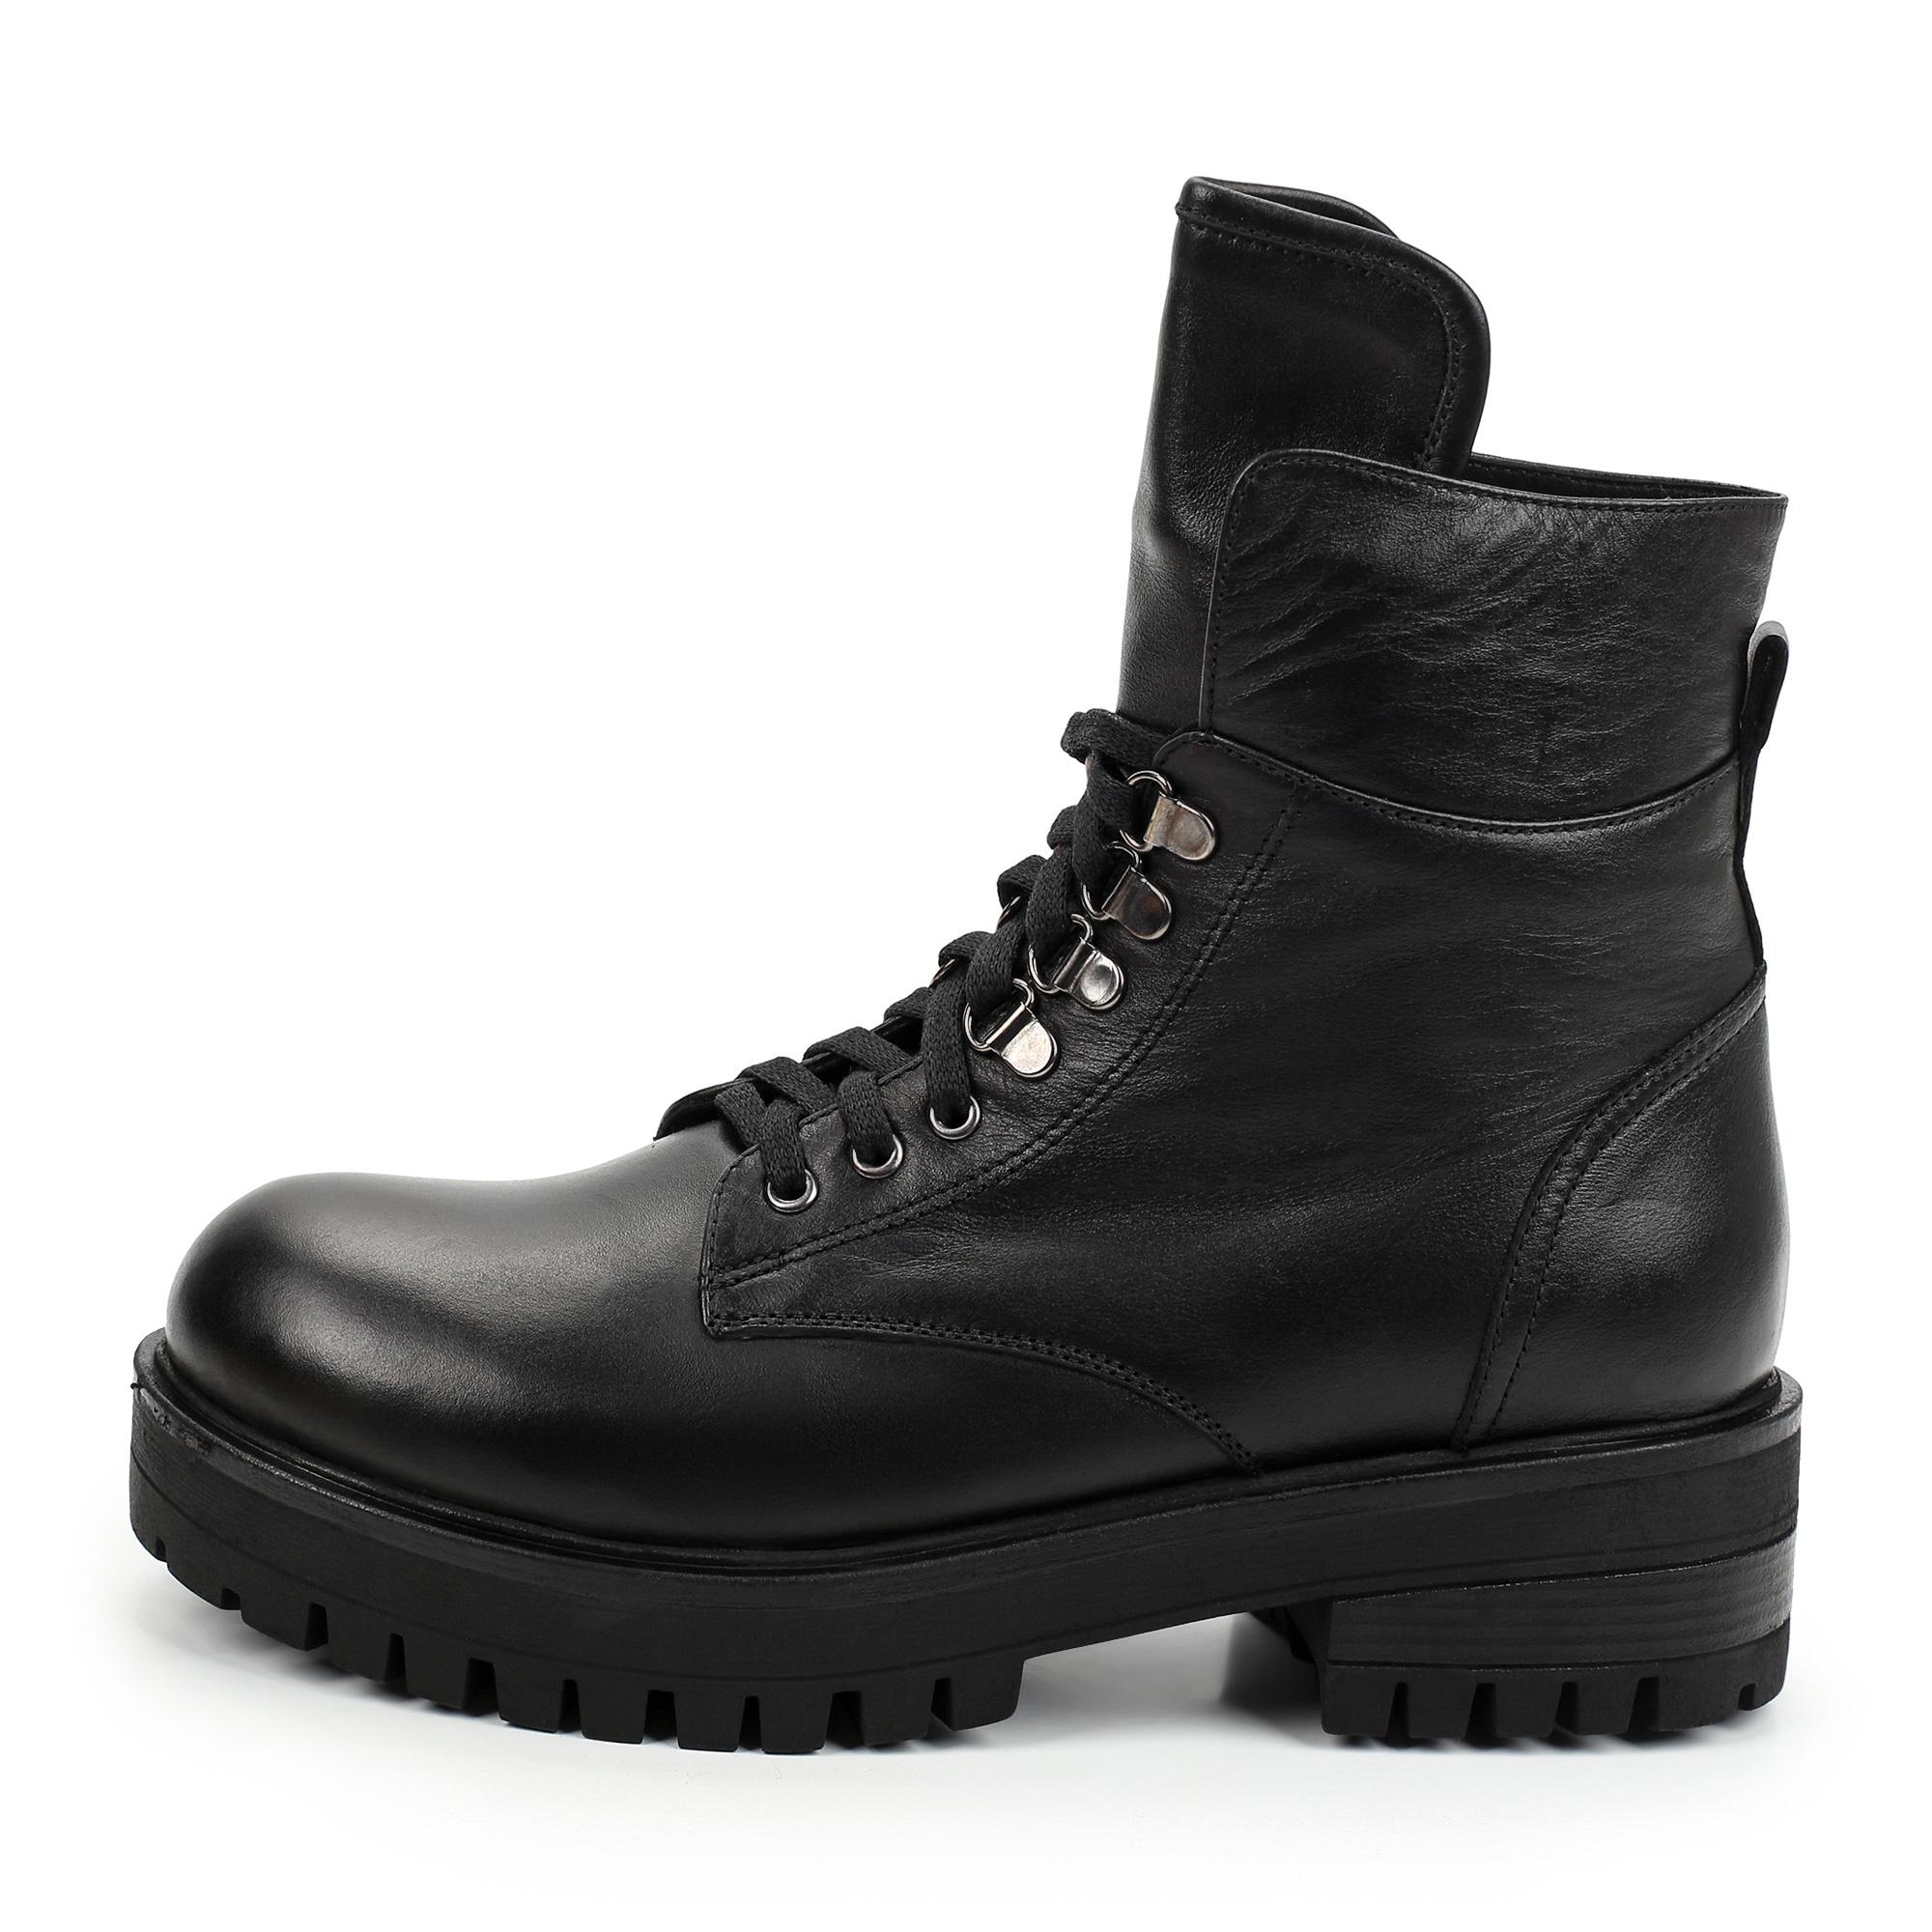 Ботинки Thomas Munz 505-115B-4102